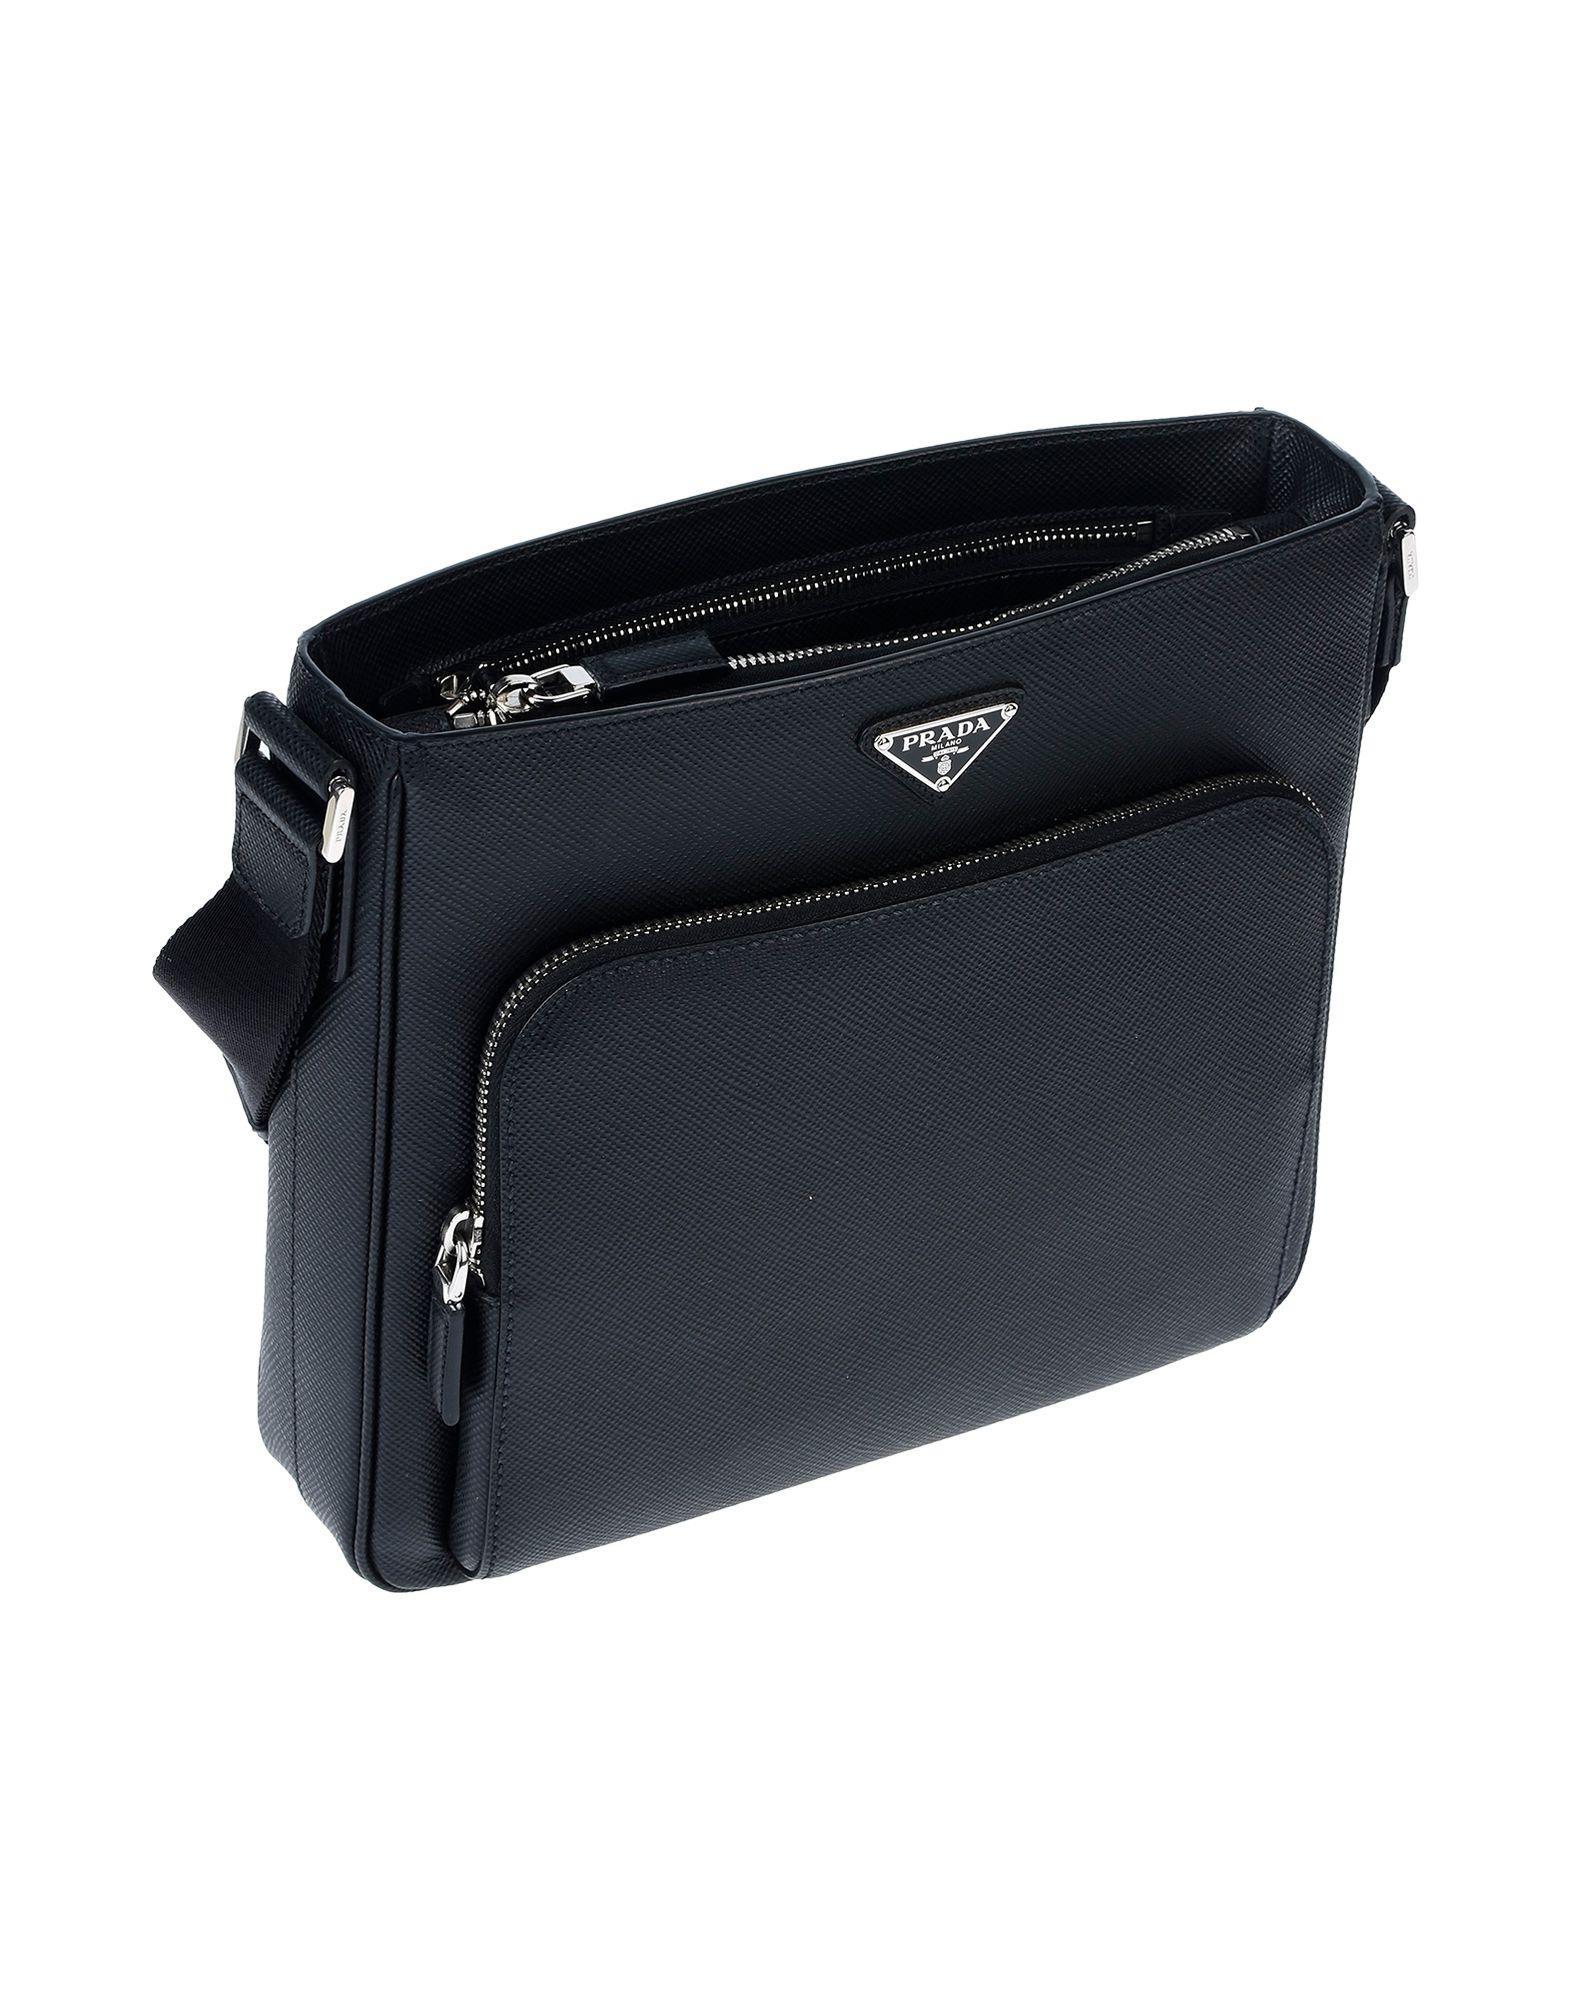 3184e1283149 Prada Cross-body Bag in Black for Men - Lyst